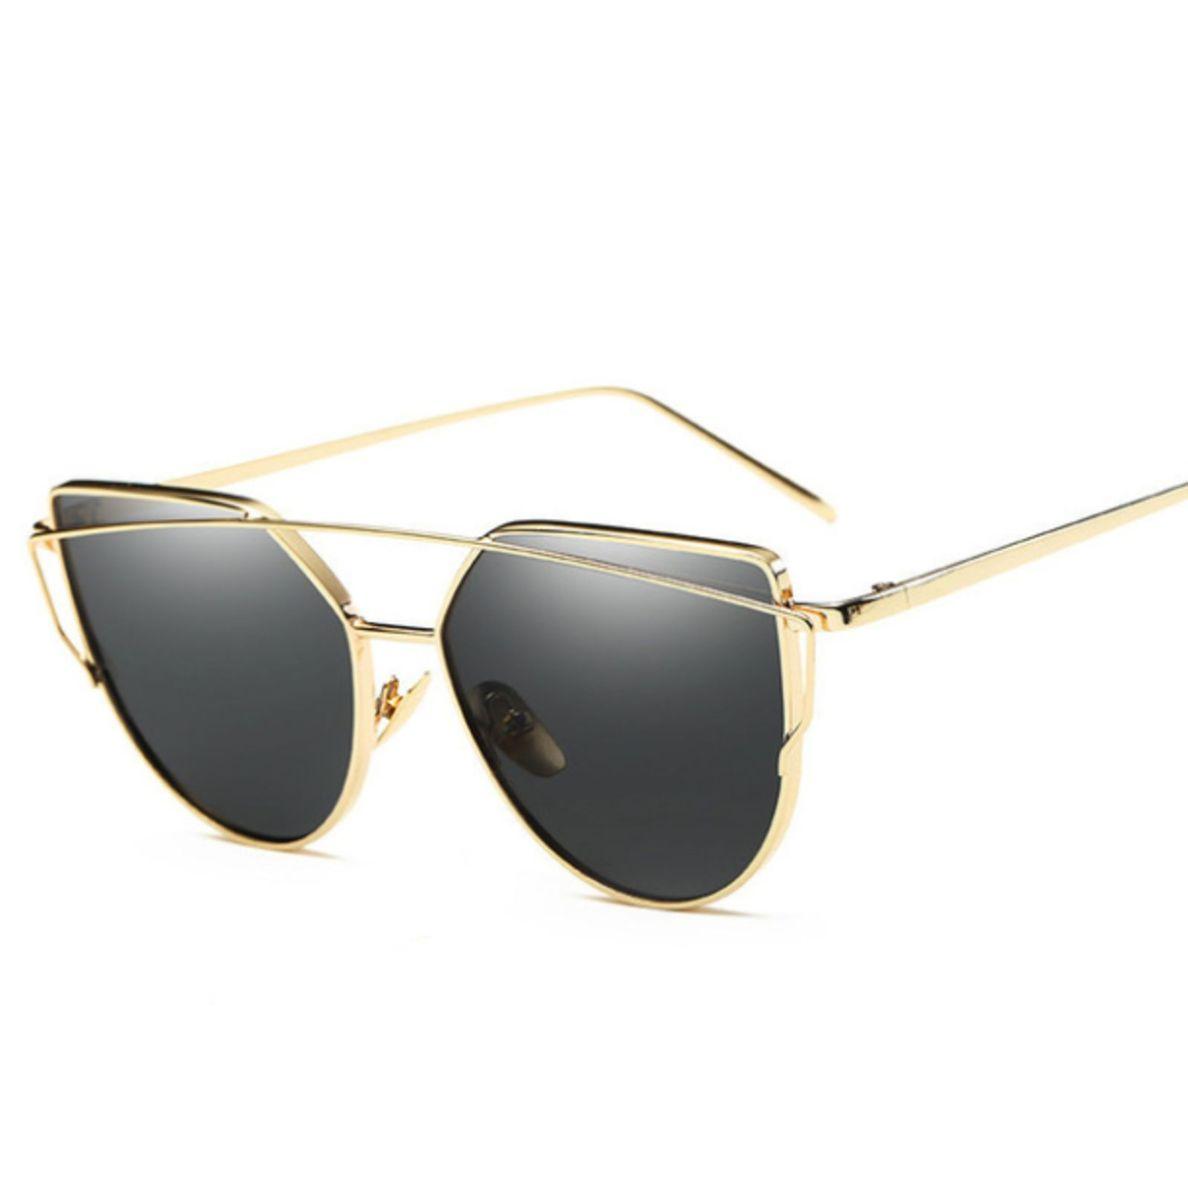 9fedbb4e28b37 óculos de sol tendência - óculos importado china.  Czm6ly9wag90b3muzw5qb2vplmnvbs5ici9wcm9kdwn0cy8ynju3oduvywy1zdvlzwy1yjcwzmuxywm0ztyymweyztcwmwy5zjguanbn  .